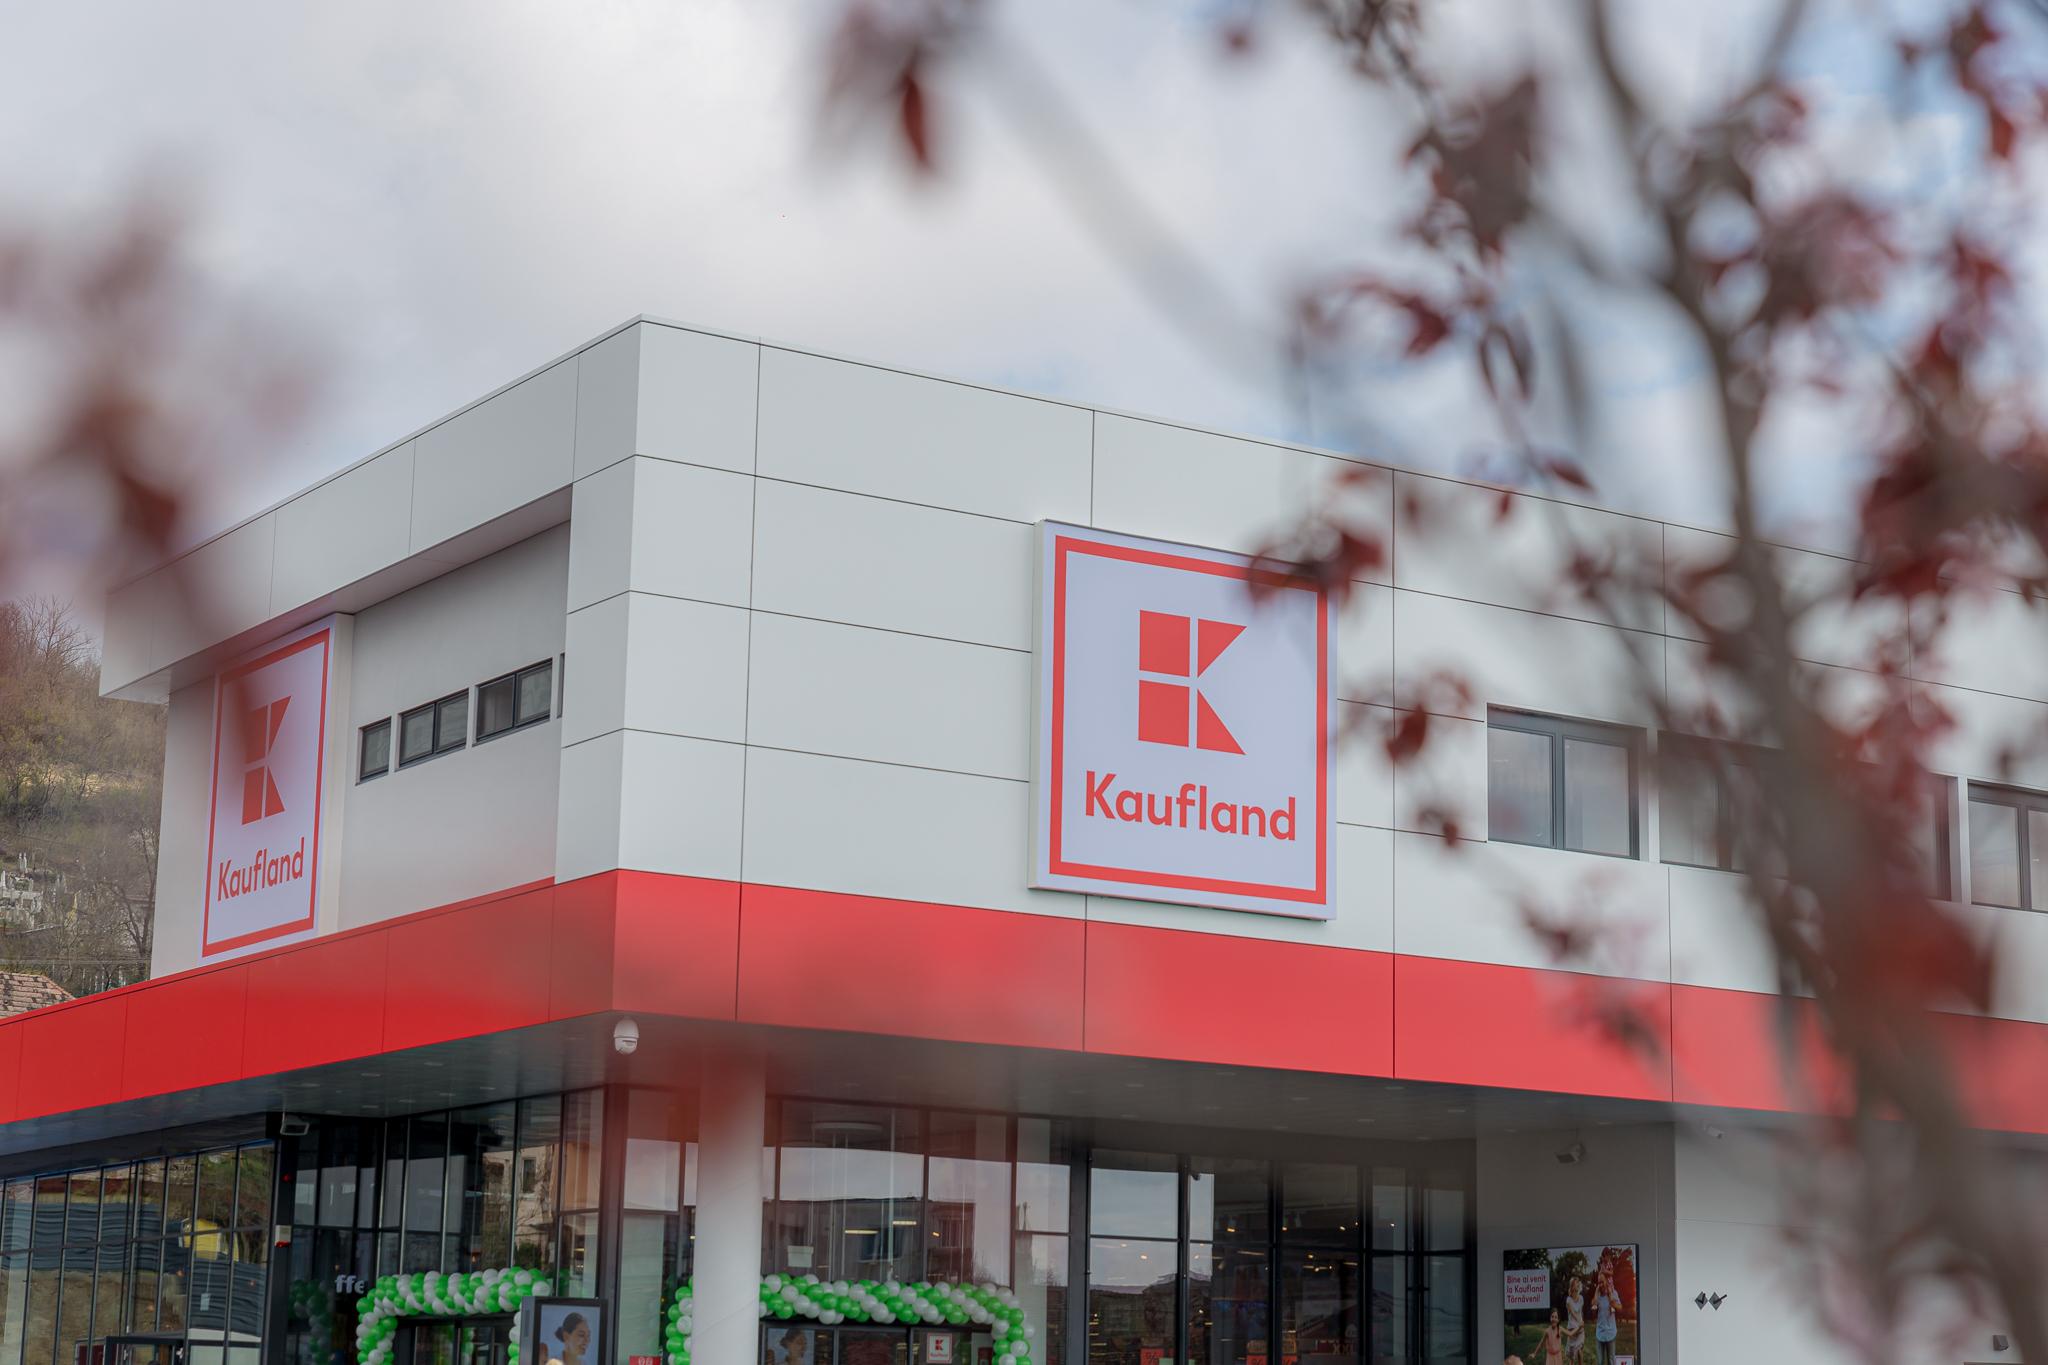 Produs pentru copii retras de la vânzare de Kaufland. Clienții sunt rugați să nu-l mai utilizeze